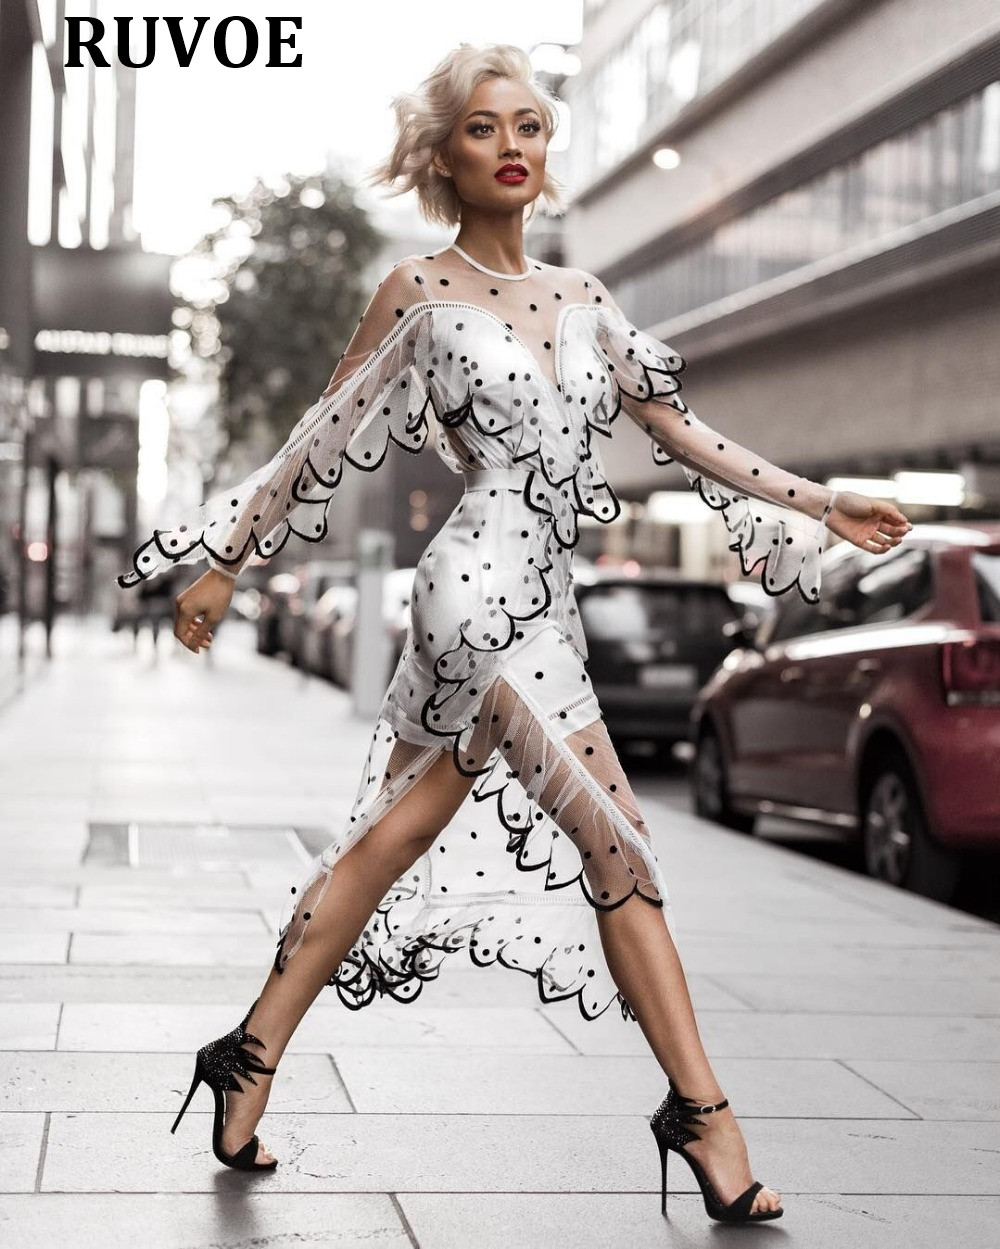 Bandage Qualité Vêtements Fête Blanc 158 Nouvel Rayonne Mode 2018 Vestidos Robe Haute Dentelle Noir Célébrité Q De An Bodycon BwgZpIqxz